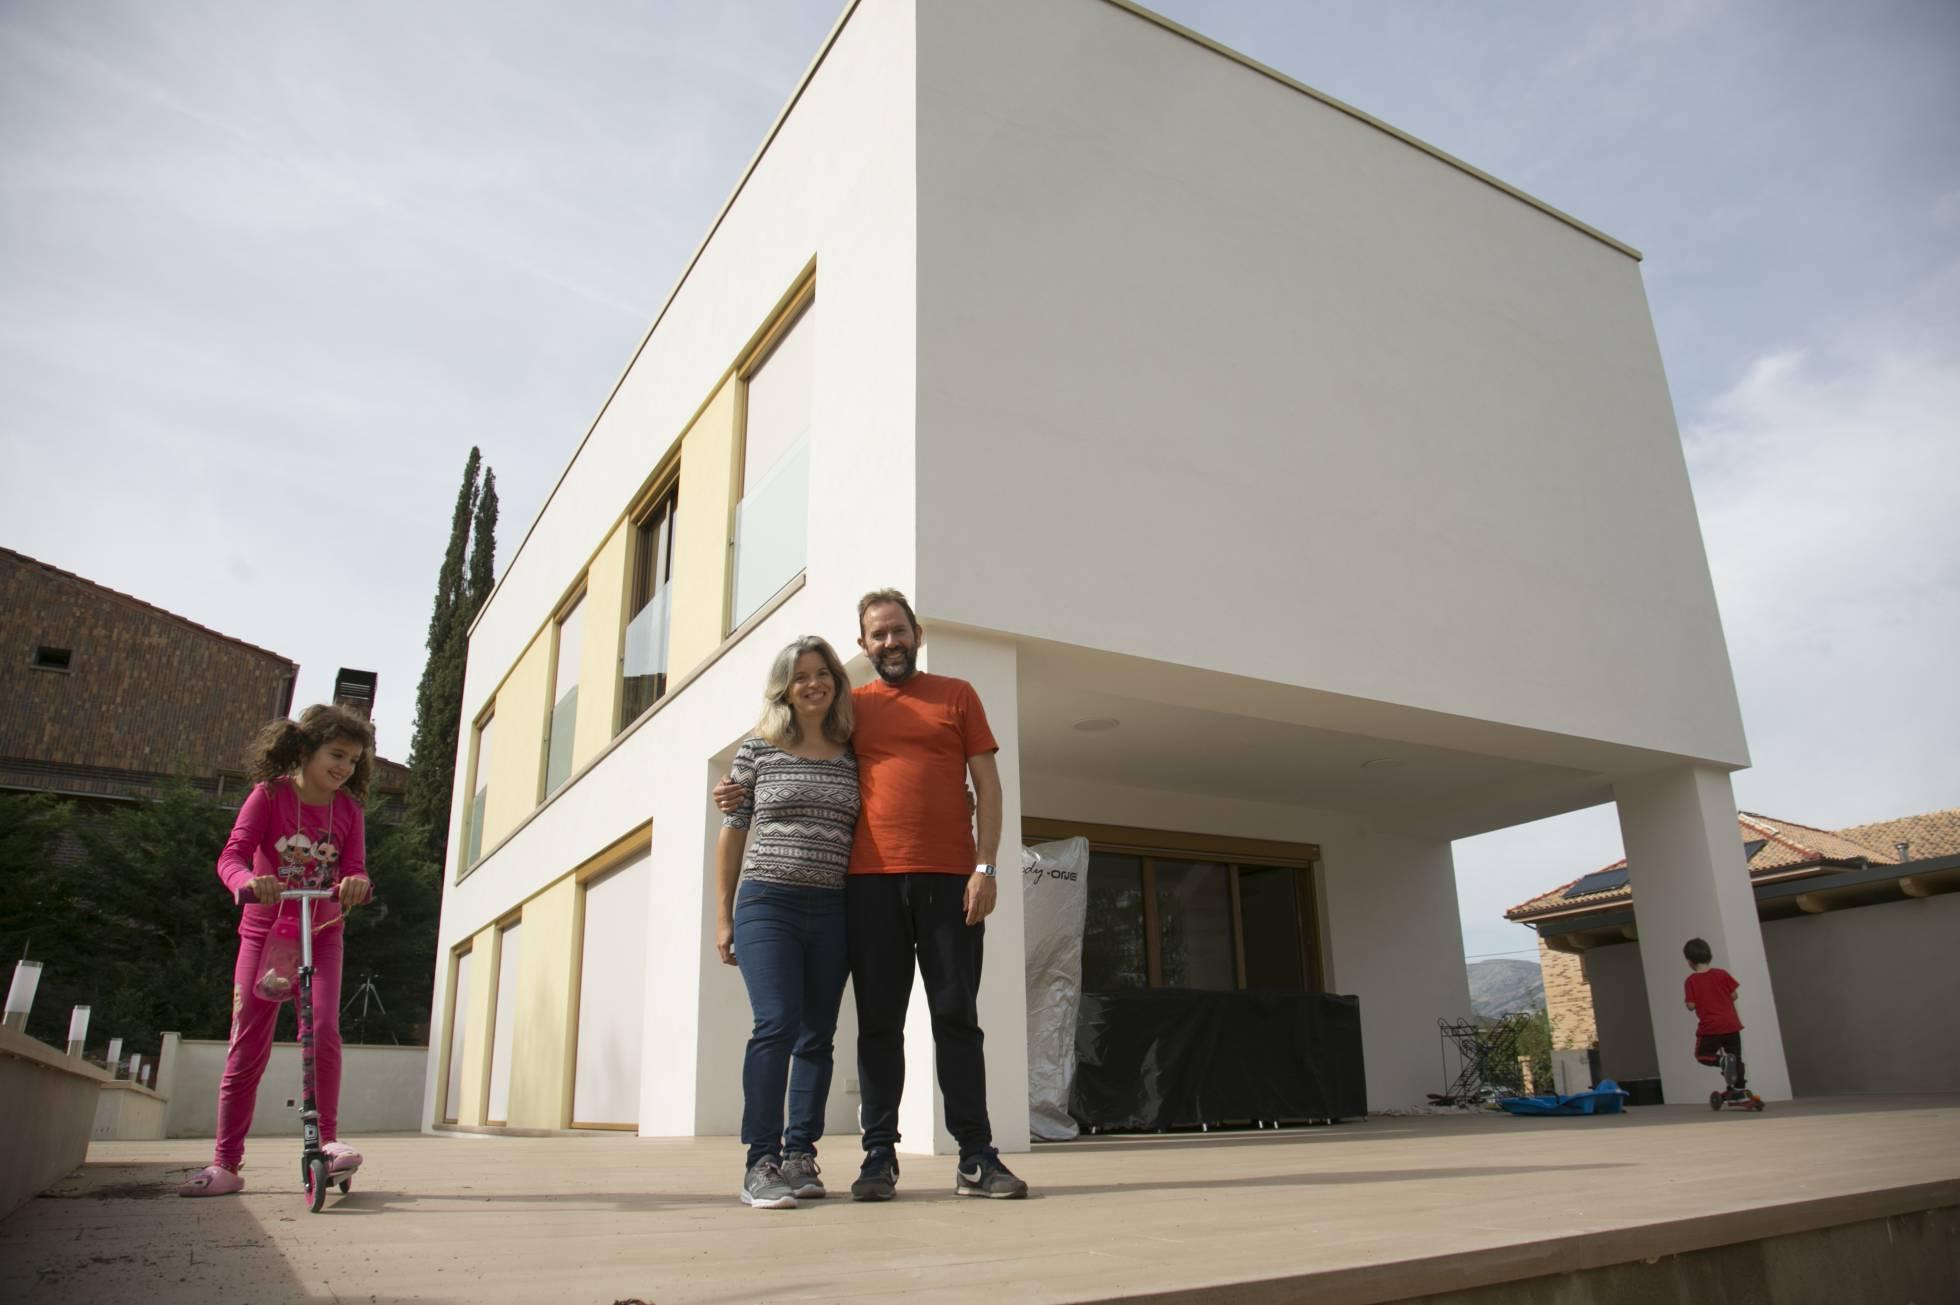 Dos funcionarios madrileños son los dueños de Apolonia, la casa del futuro